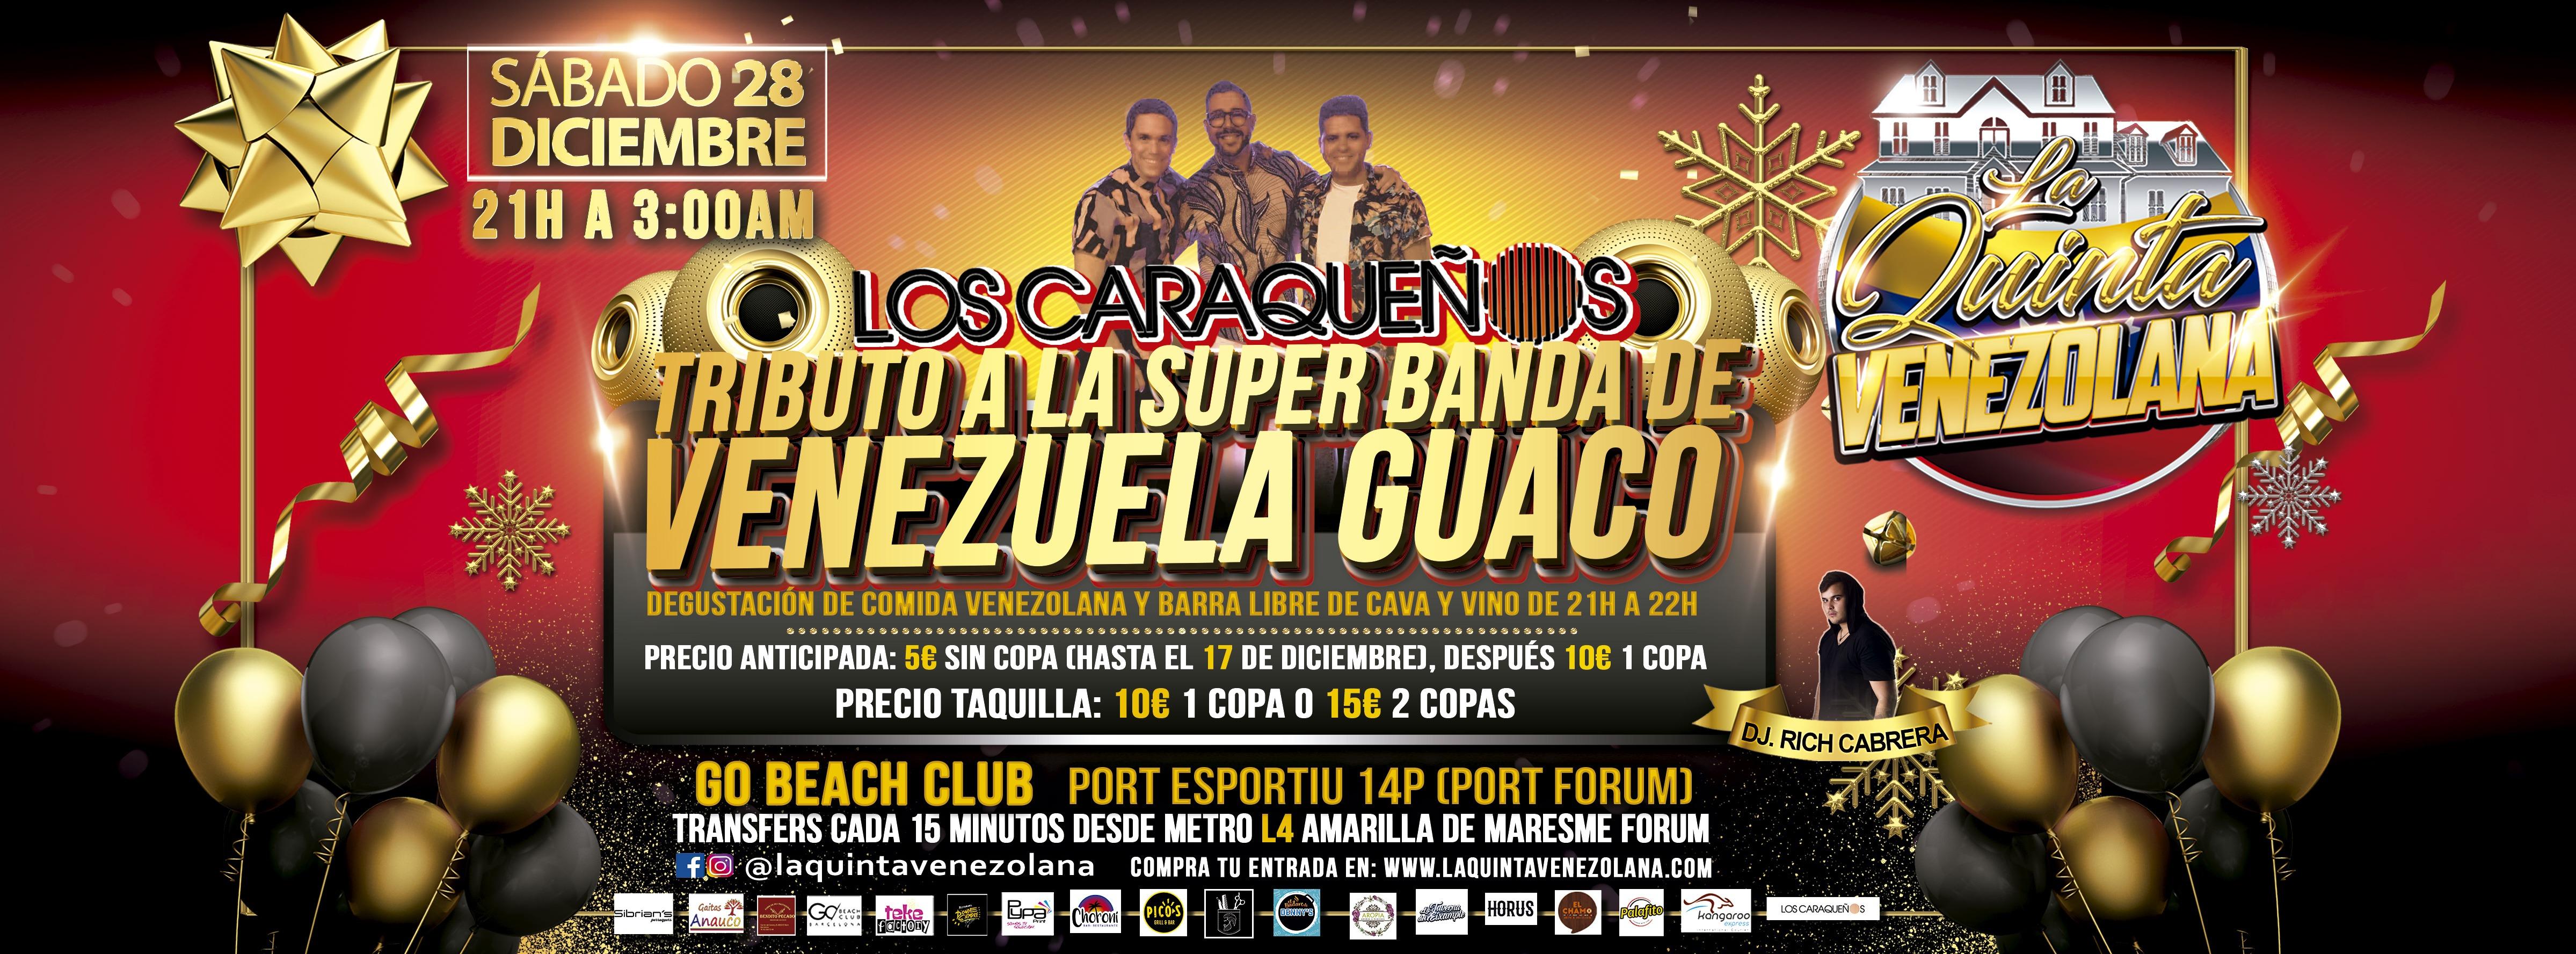 LOS CARAQUEÑOS TRIBUTO A GUACO - LA QUINTA VENEZOLANA - Club Go Beach Club Barcelona